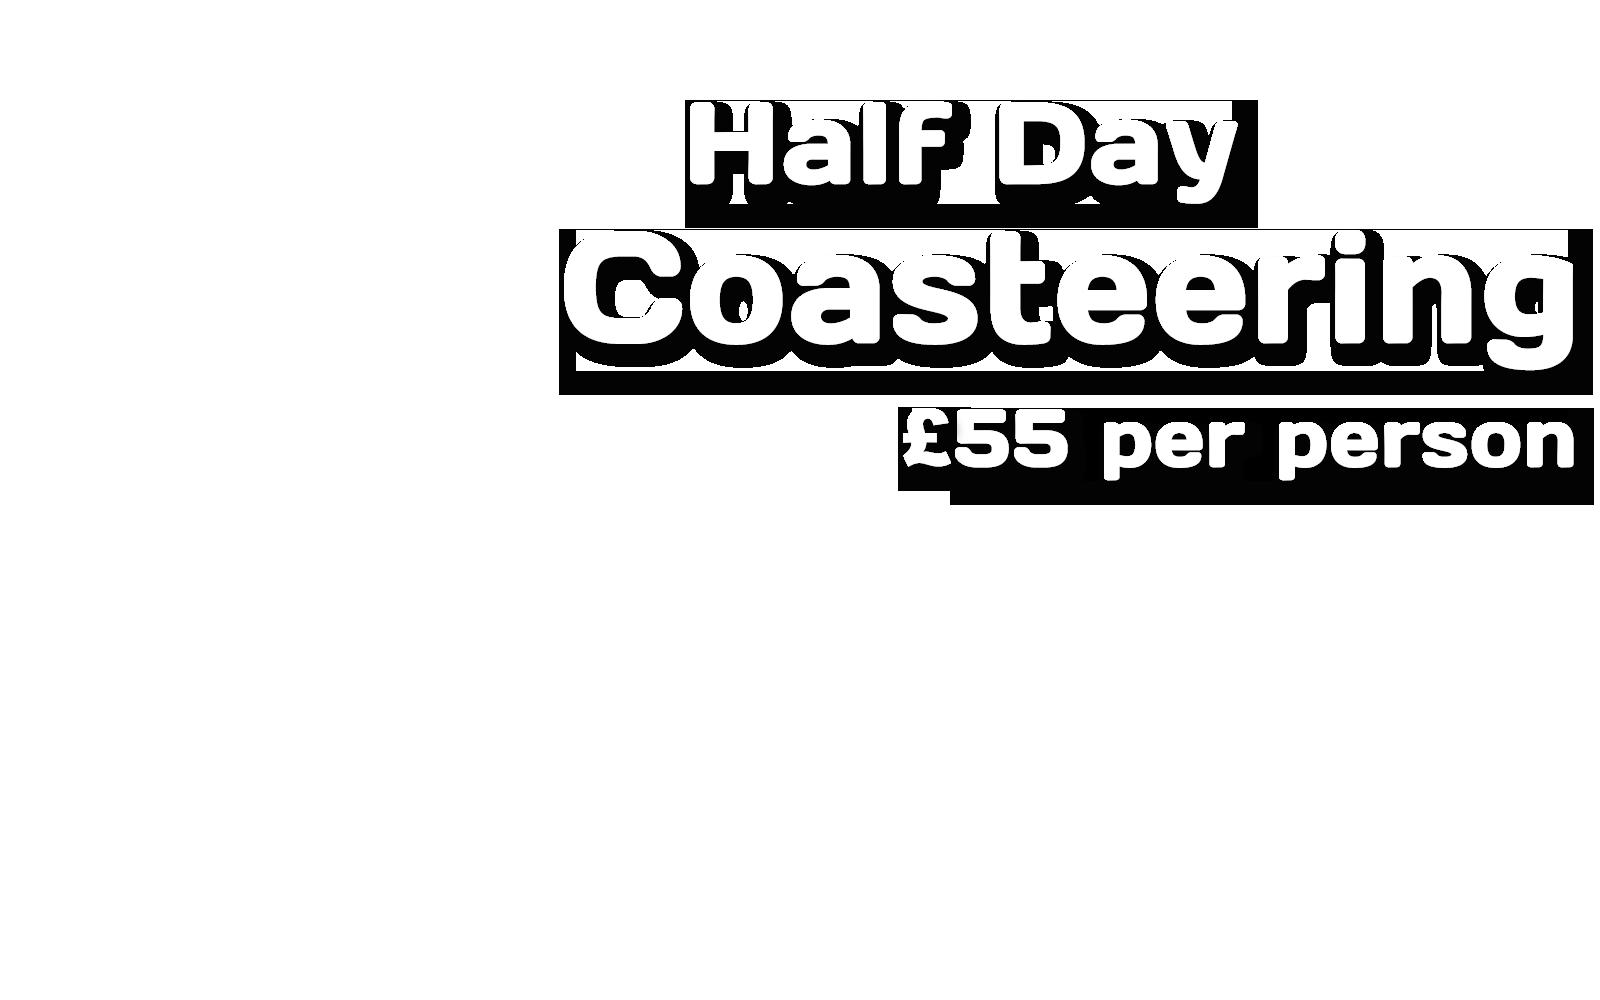 Pembrokeshire Coasteering Prices - Half Day Coasteering £55 per person